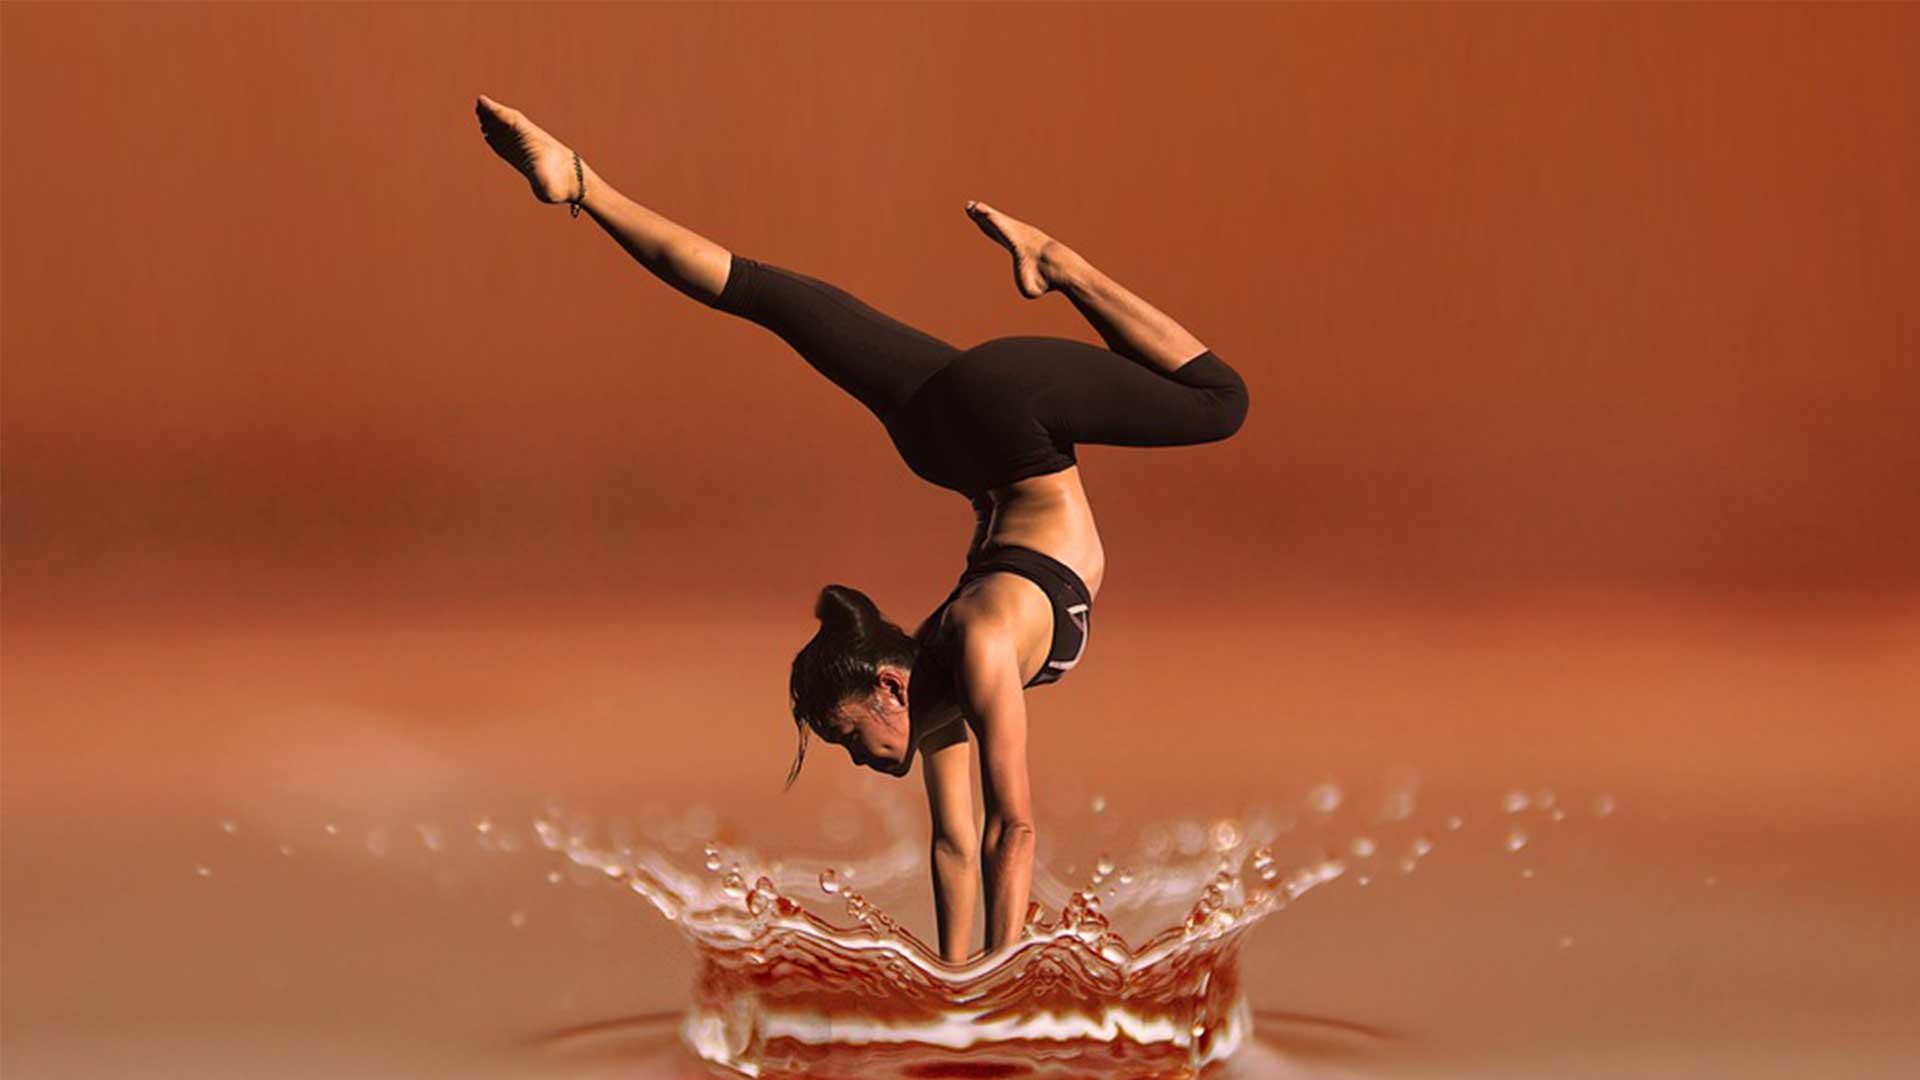 Spirit_of_Dance_Tanzsportclub_Sankt_Poelten_Angebot_Yoga_1920x1080